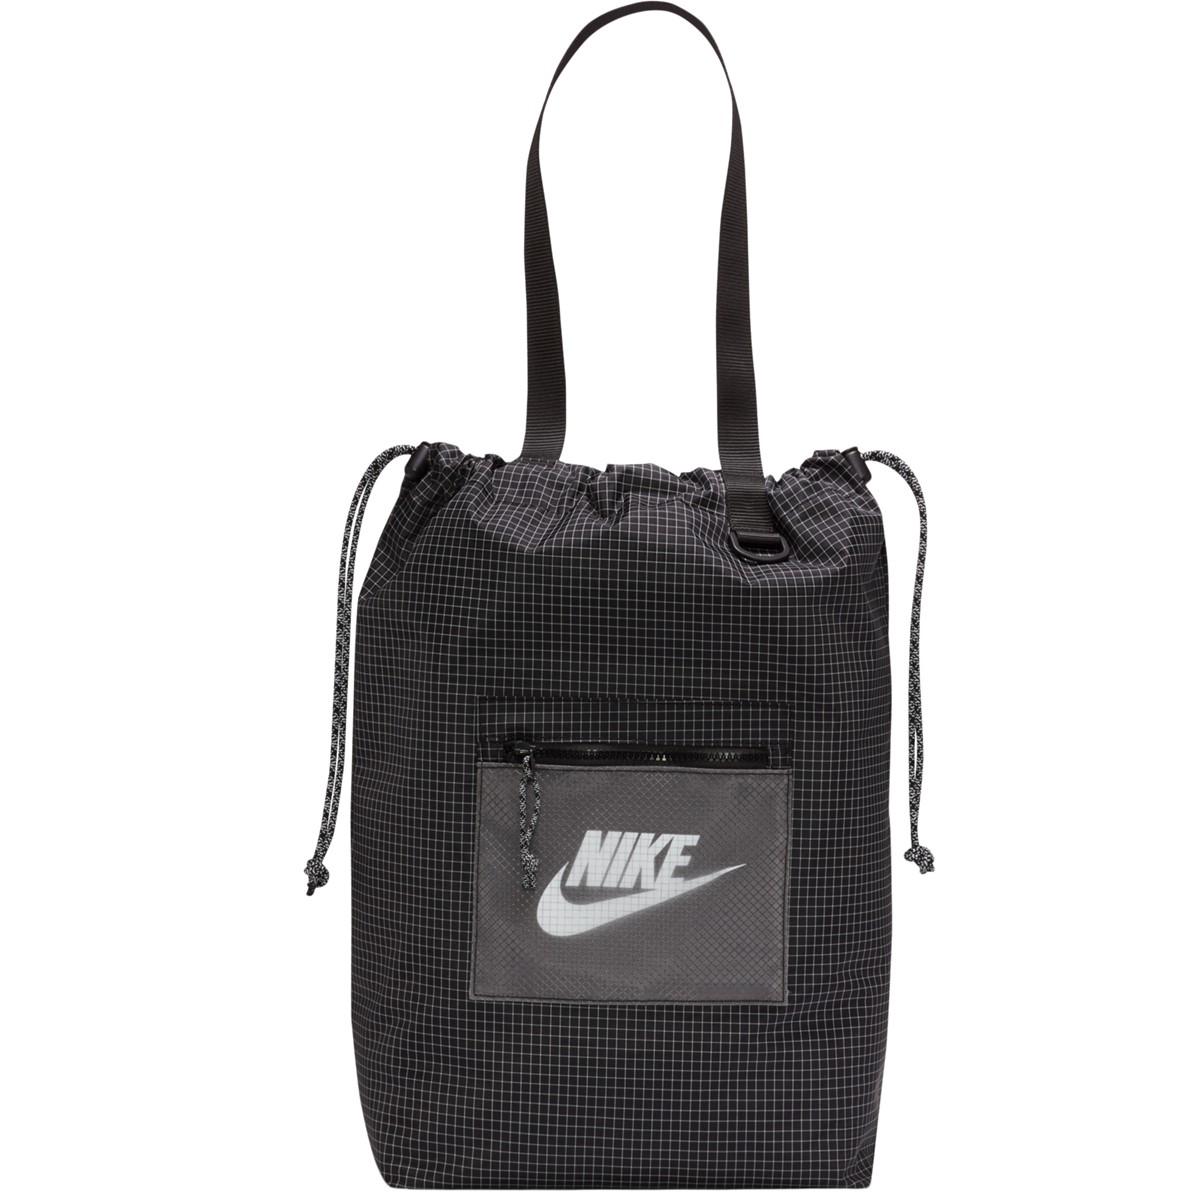 Heritage Tote Bag in Black/White